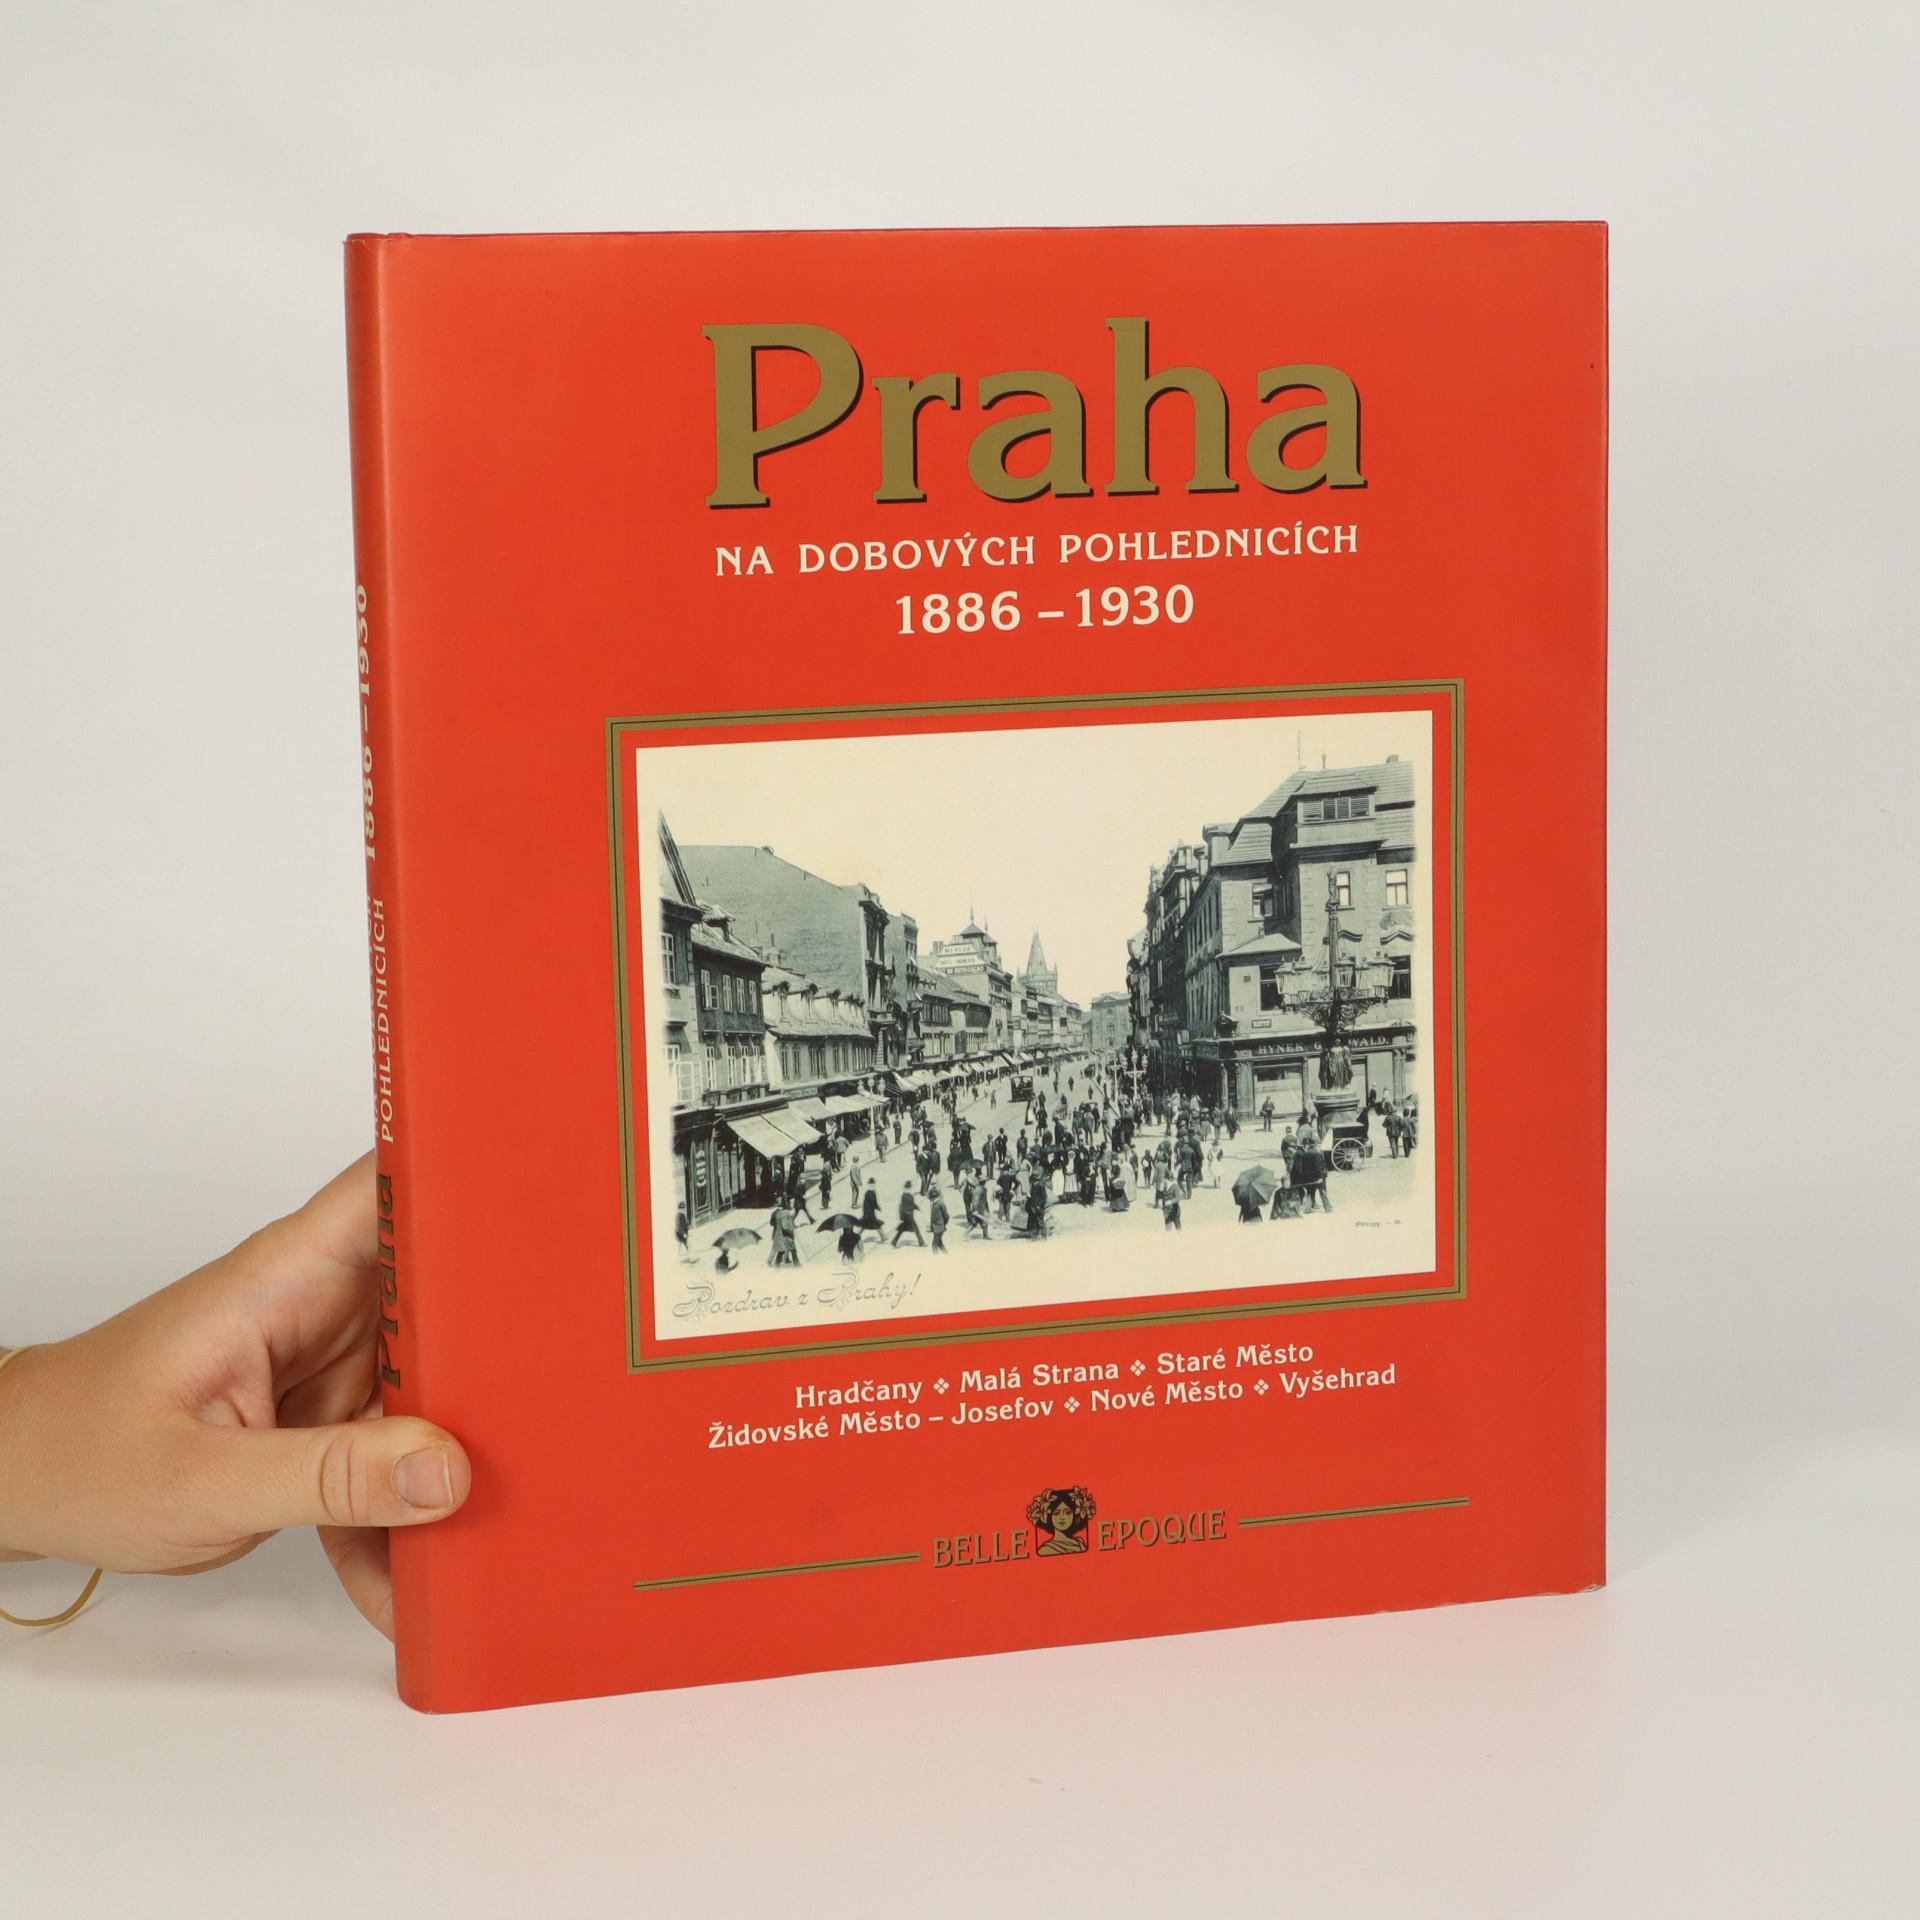 antikvární kniha Praha na dobových pohlednicích 1886-1930, 1998